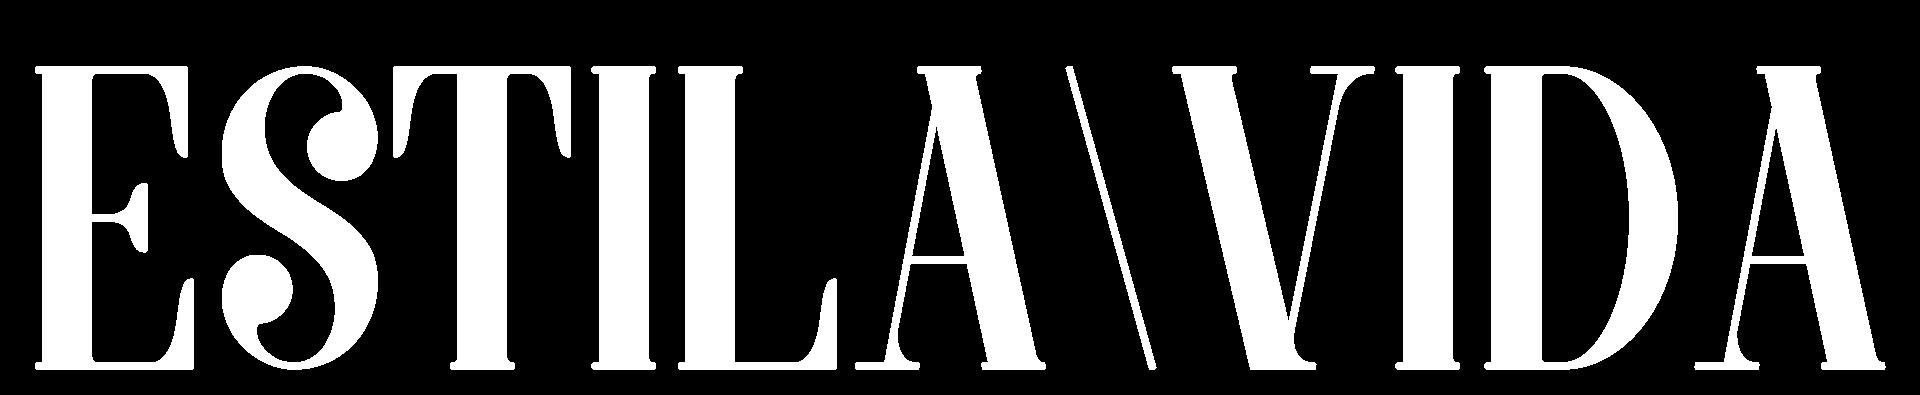 ESTILAVIDA